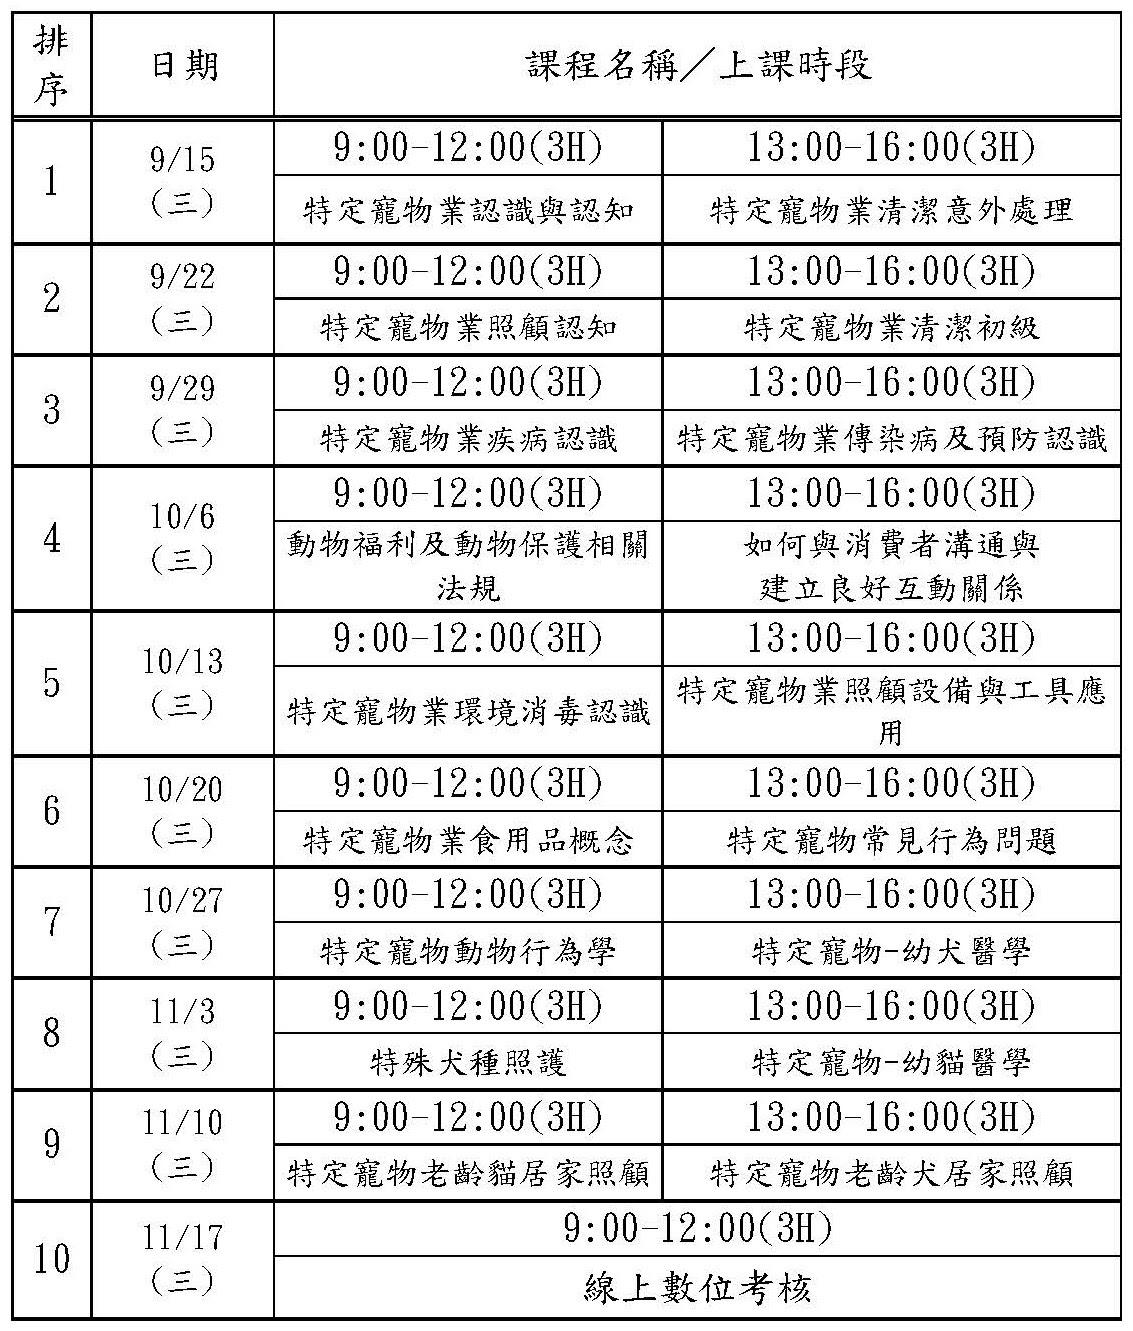 訓練課程課表